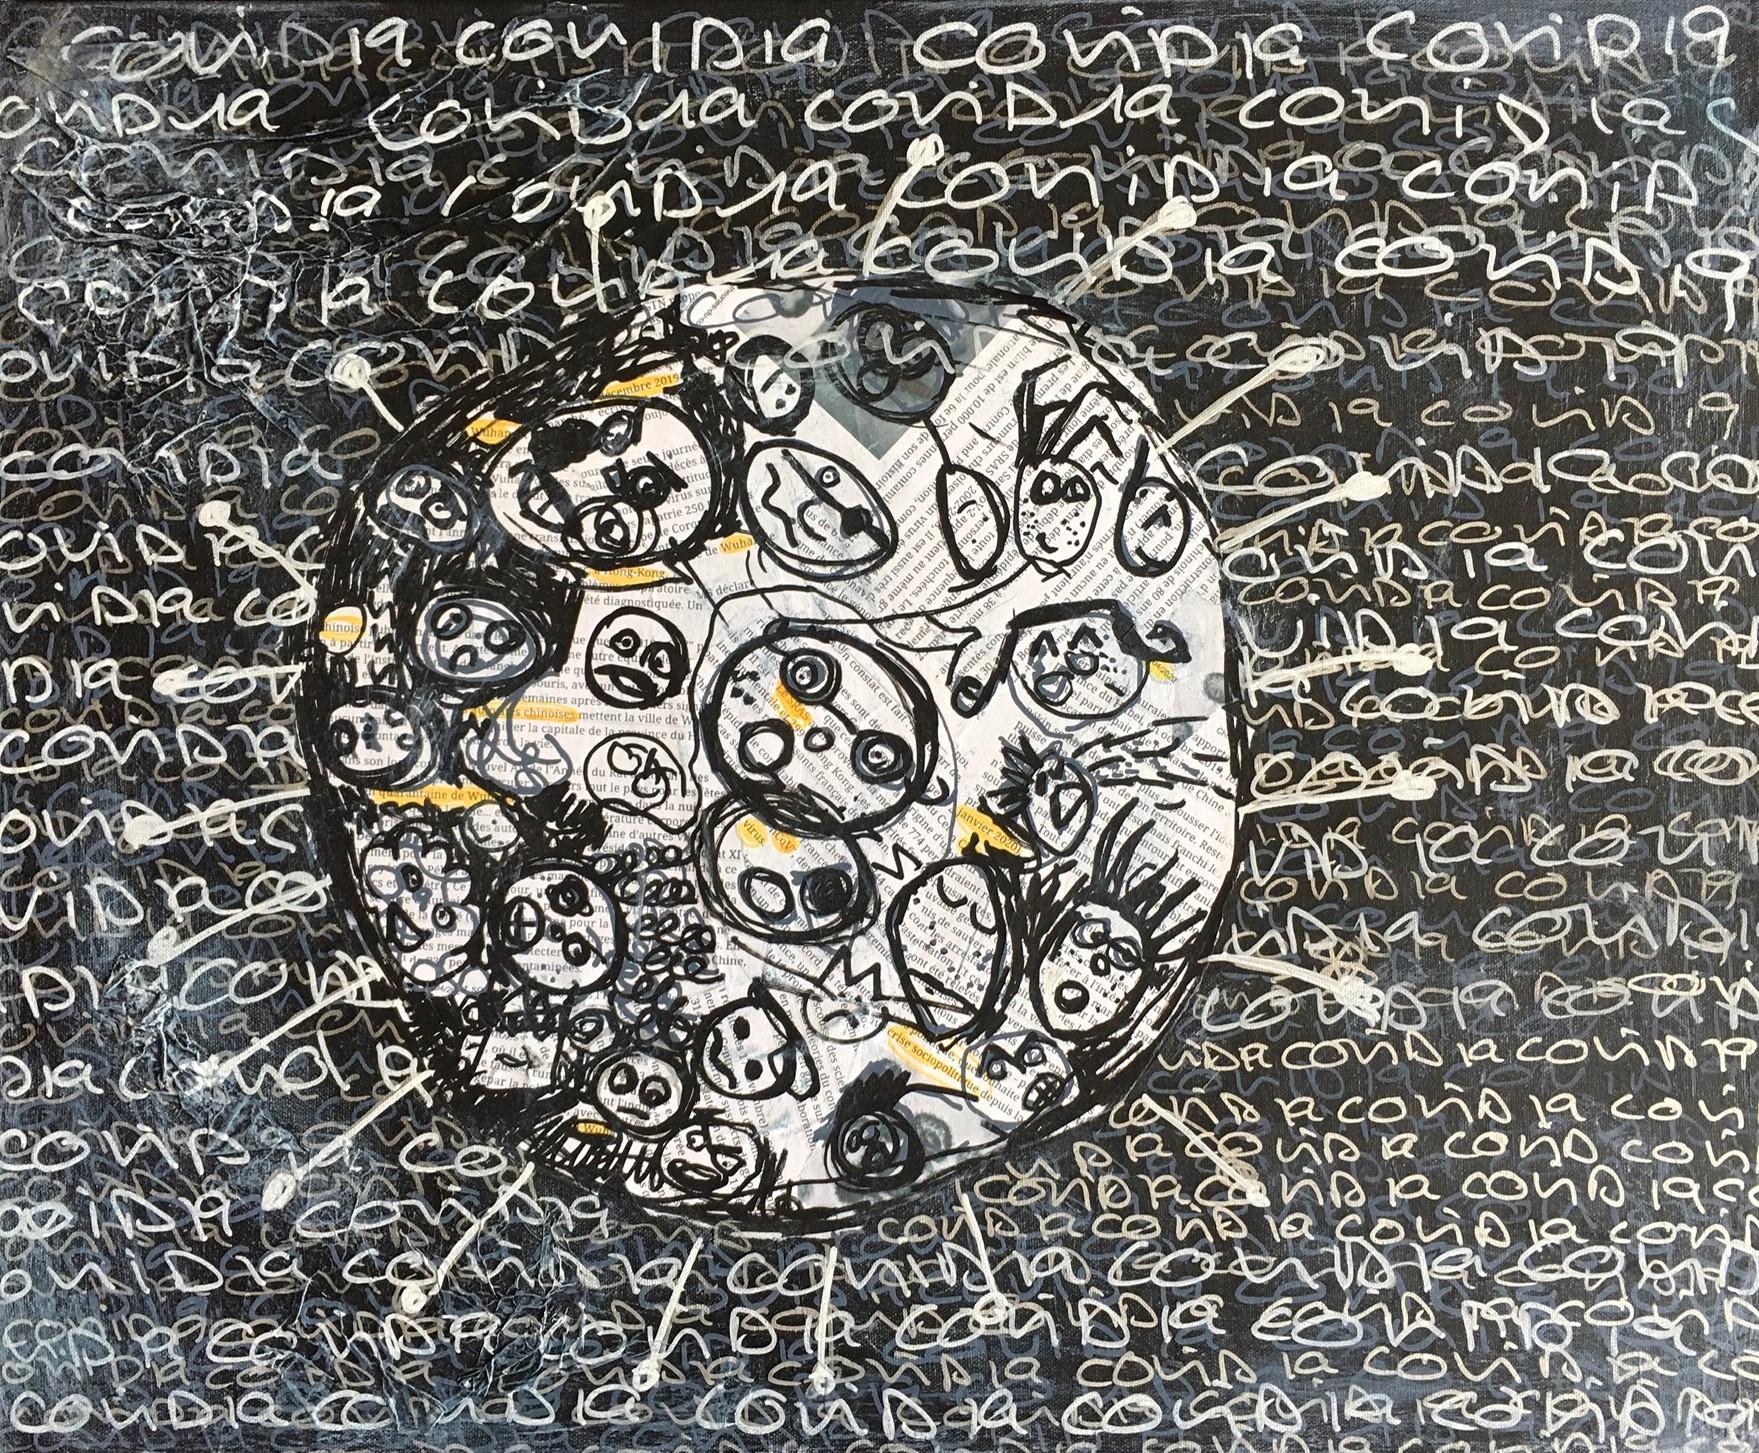 Laure Chaminade - Covid 19 à 3 pinceaux.